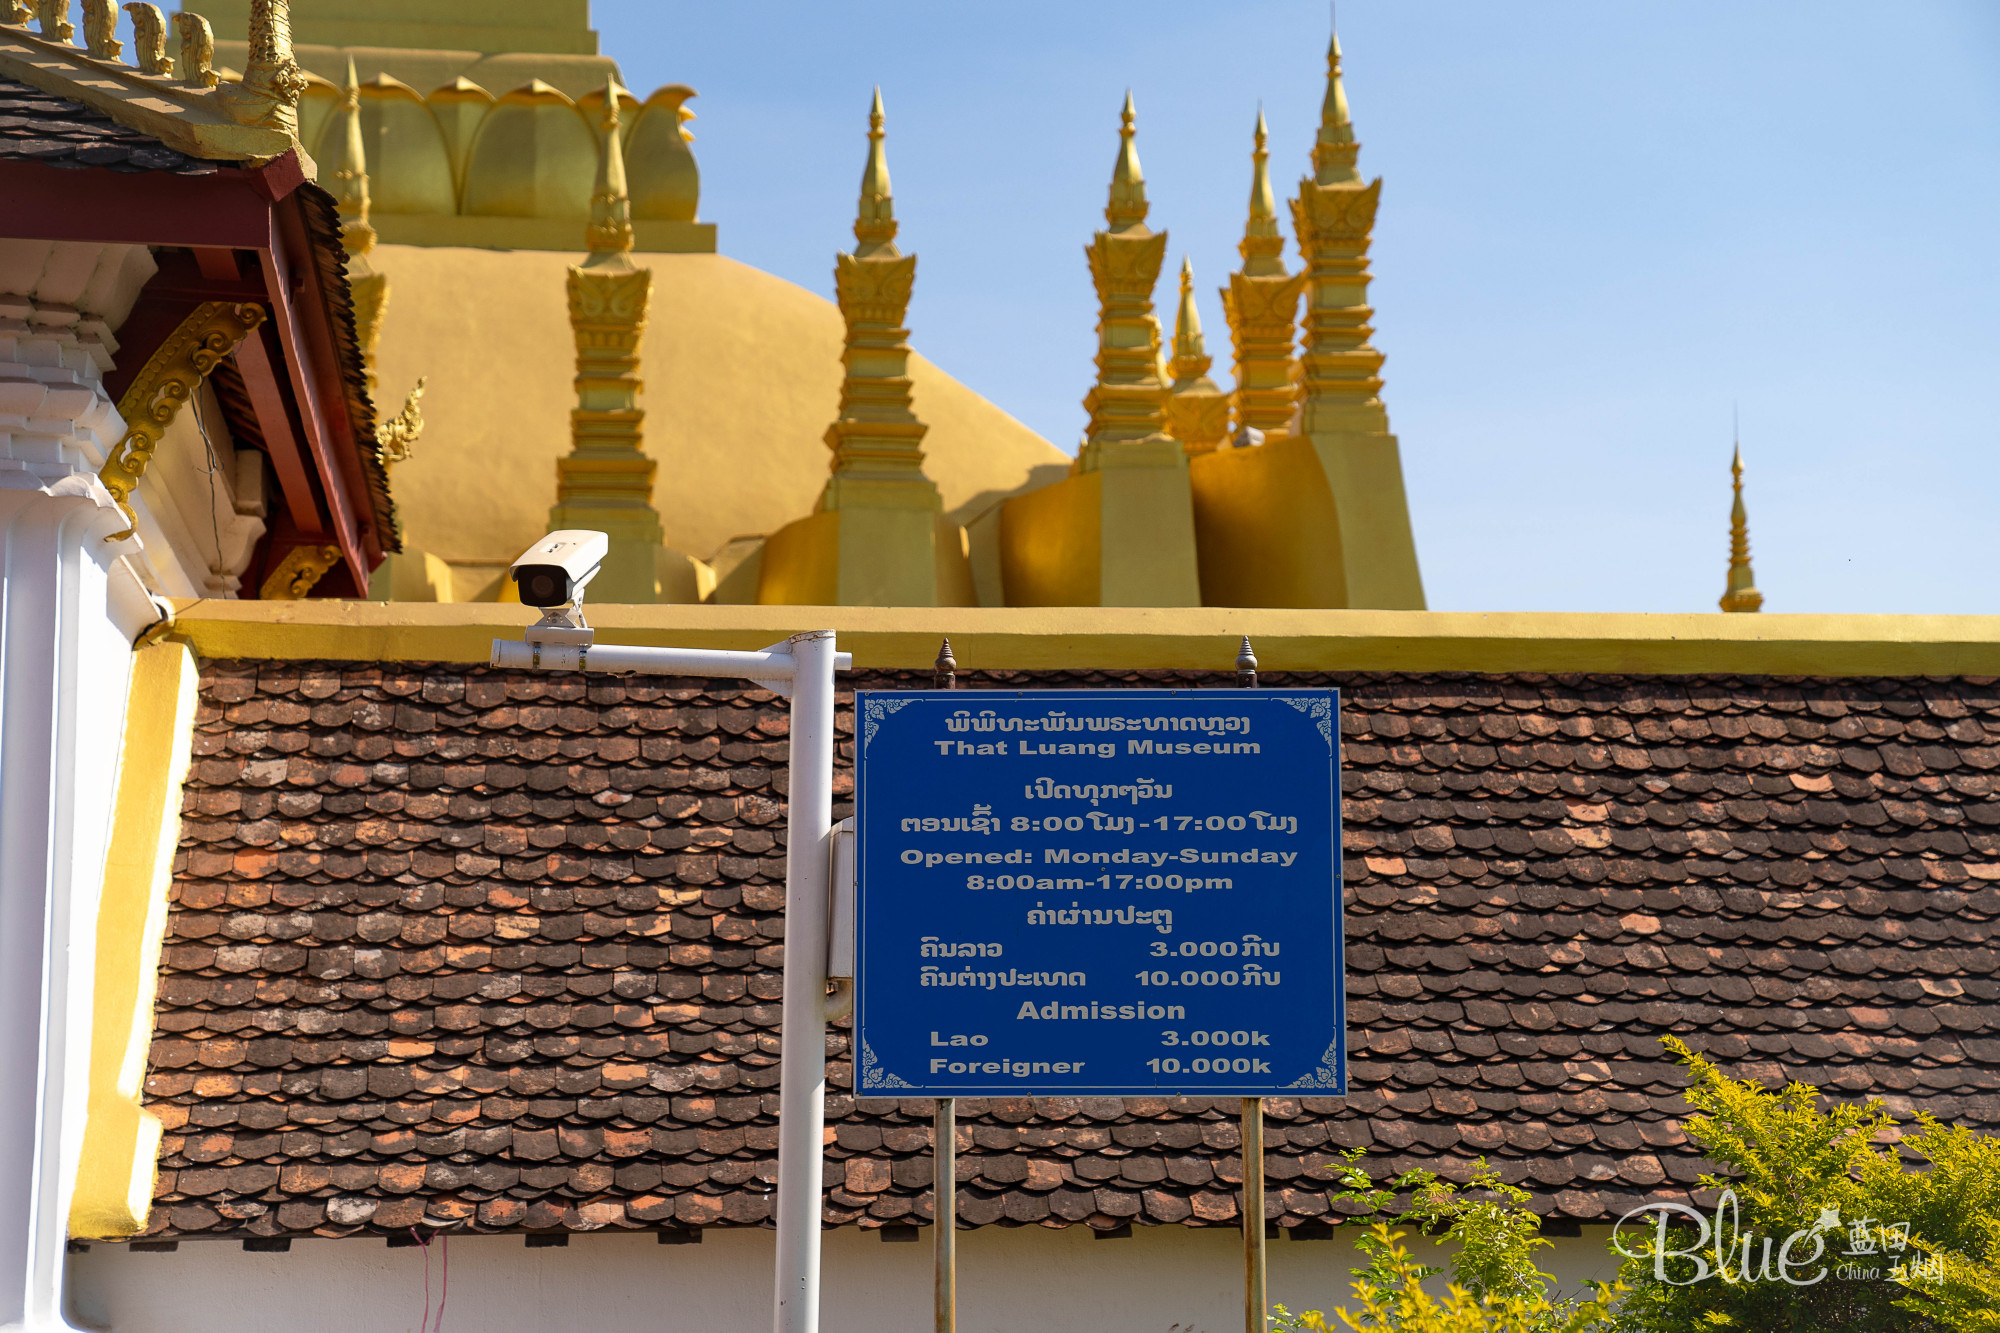 原创             去老挝万象,大金塔是不能错过的景点,还能看到漂亮新娘拍婚纱